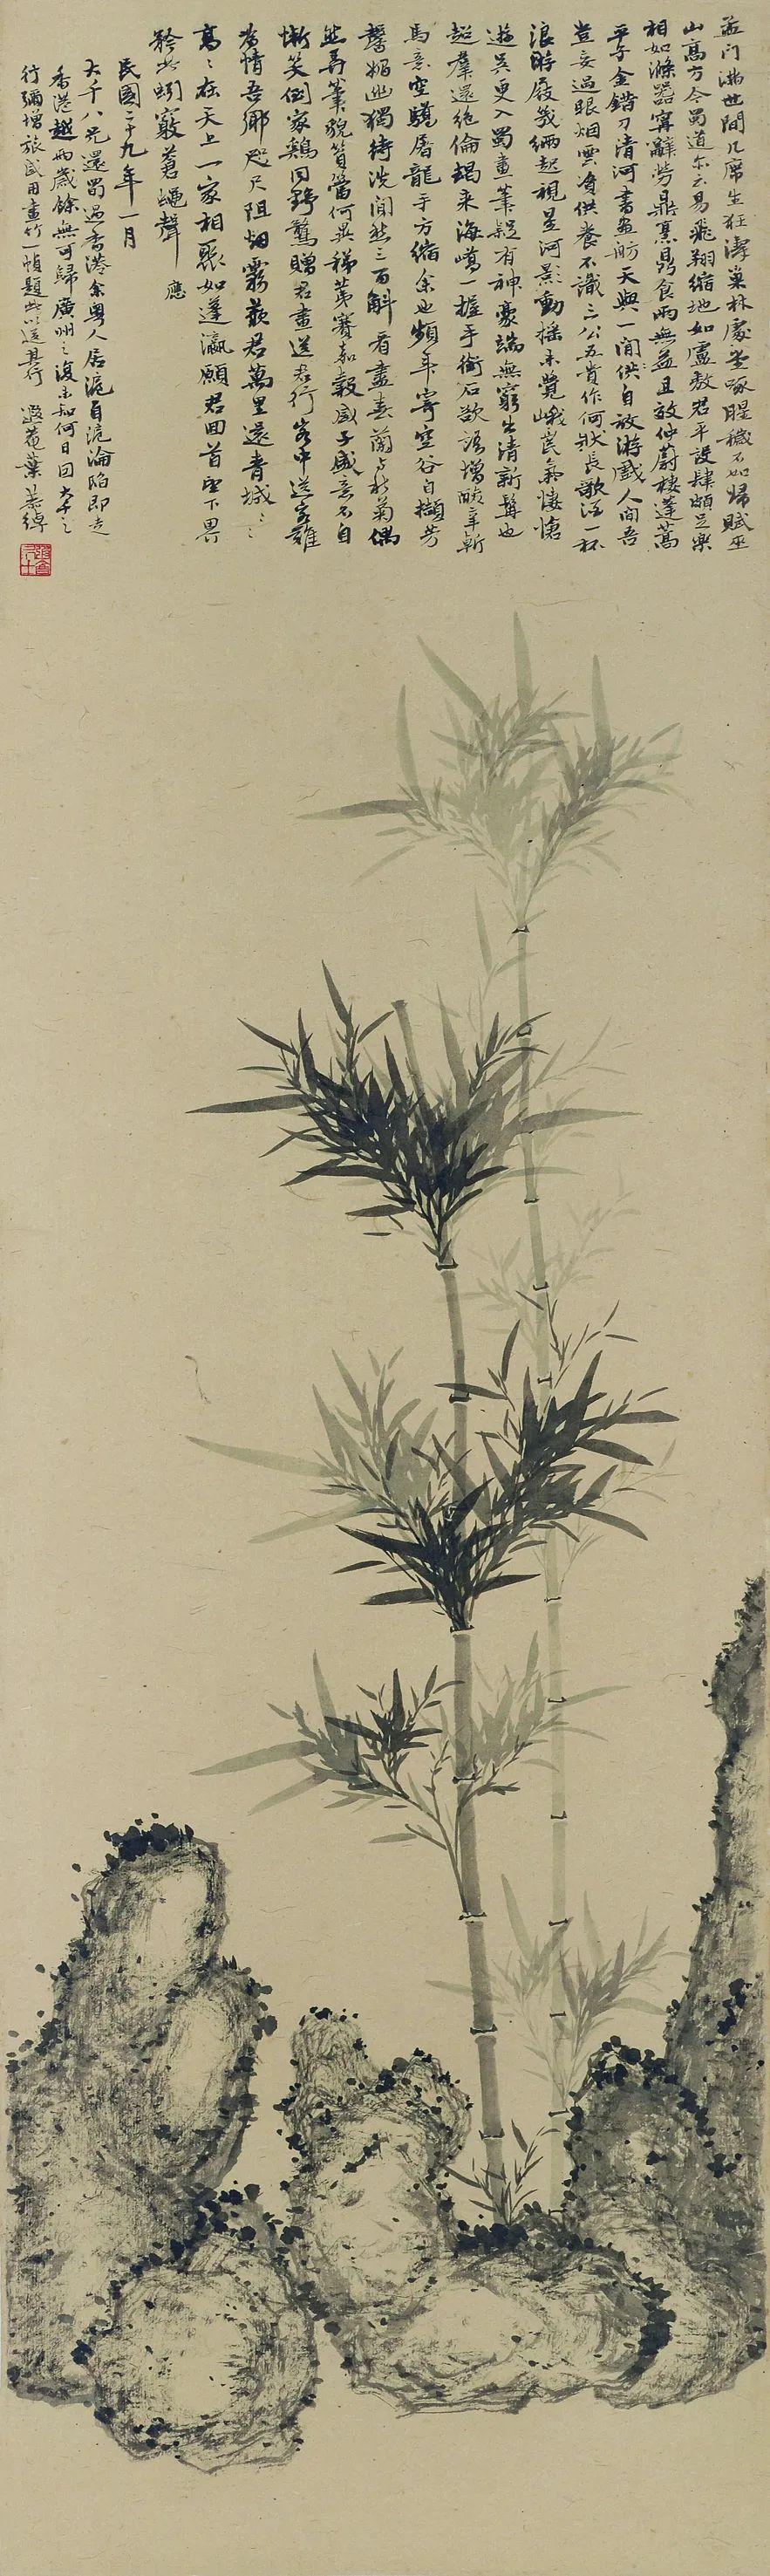 叶恭绰 竹石图 纸本墨笔 纵117厘米 横35厘米 四川博物院藏